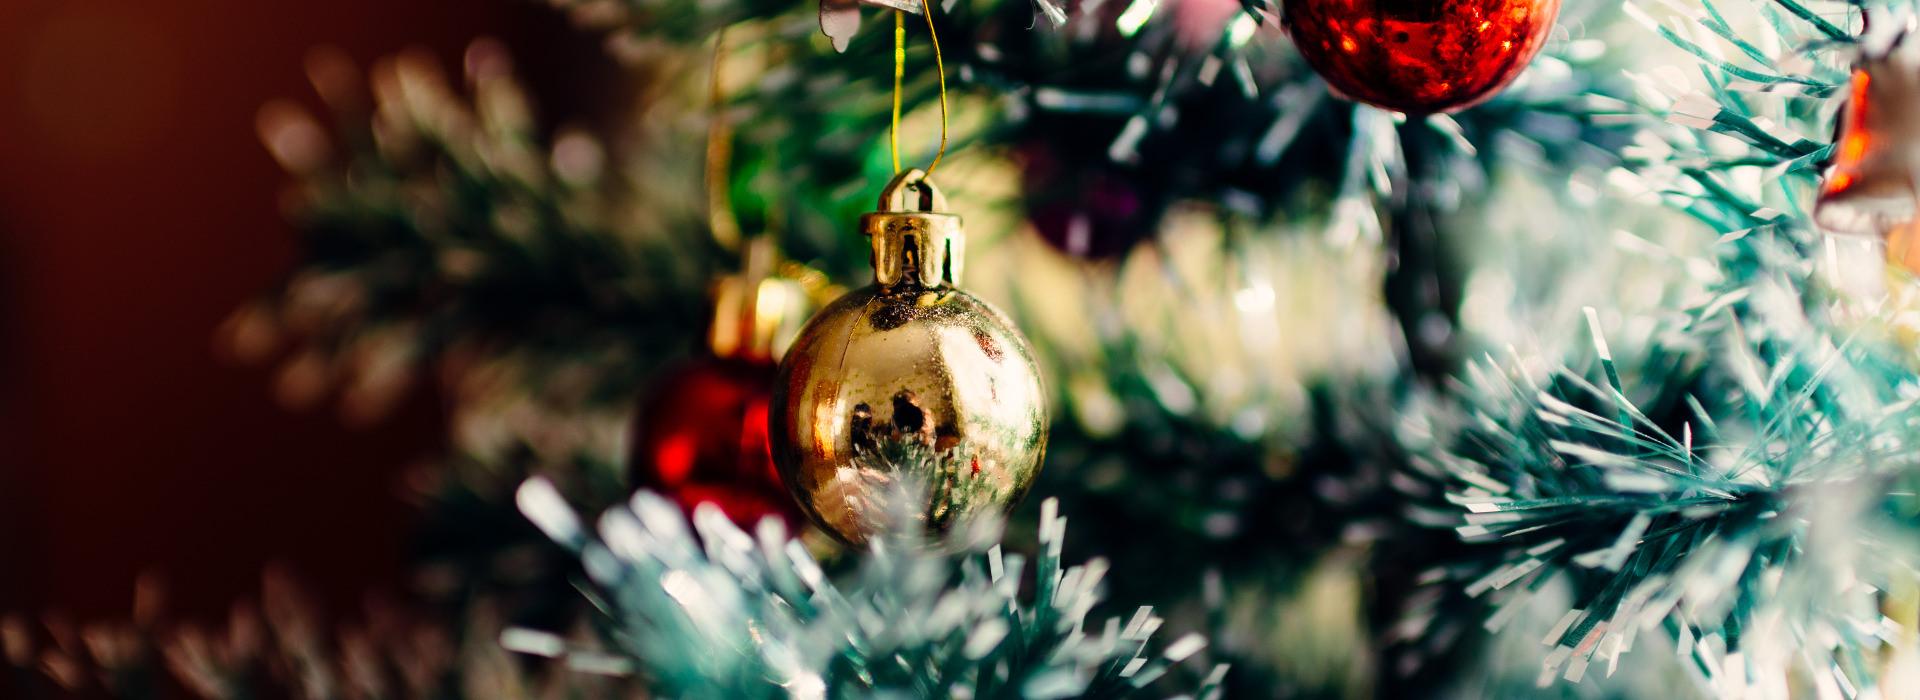 Christmas ornament catalogs - Christmas Ornament Catalogs 53